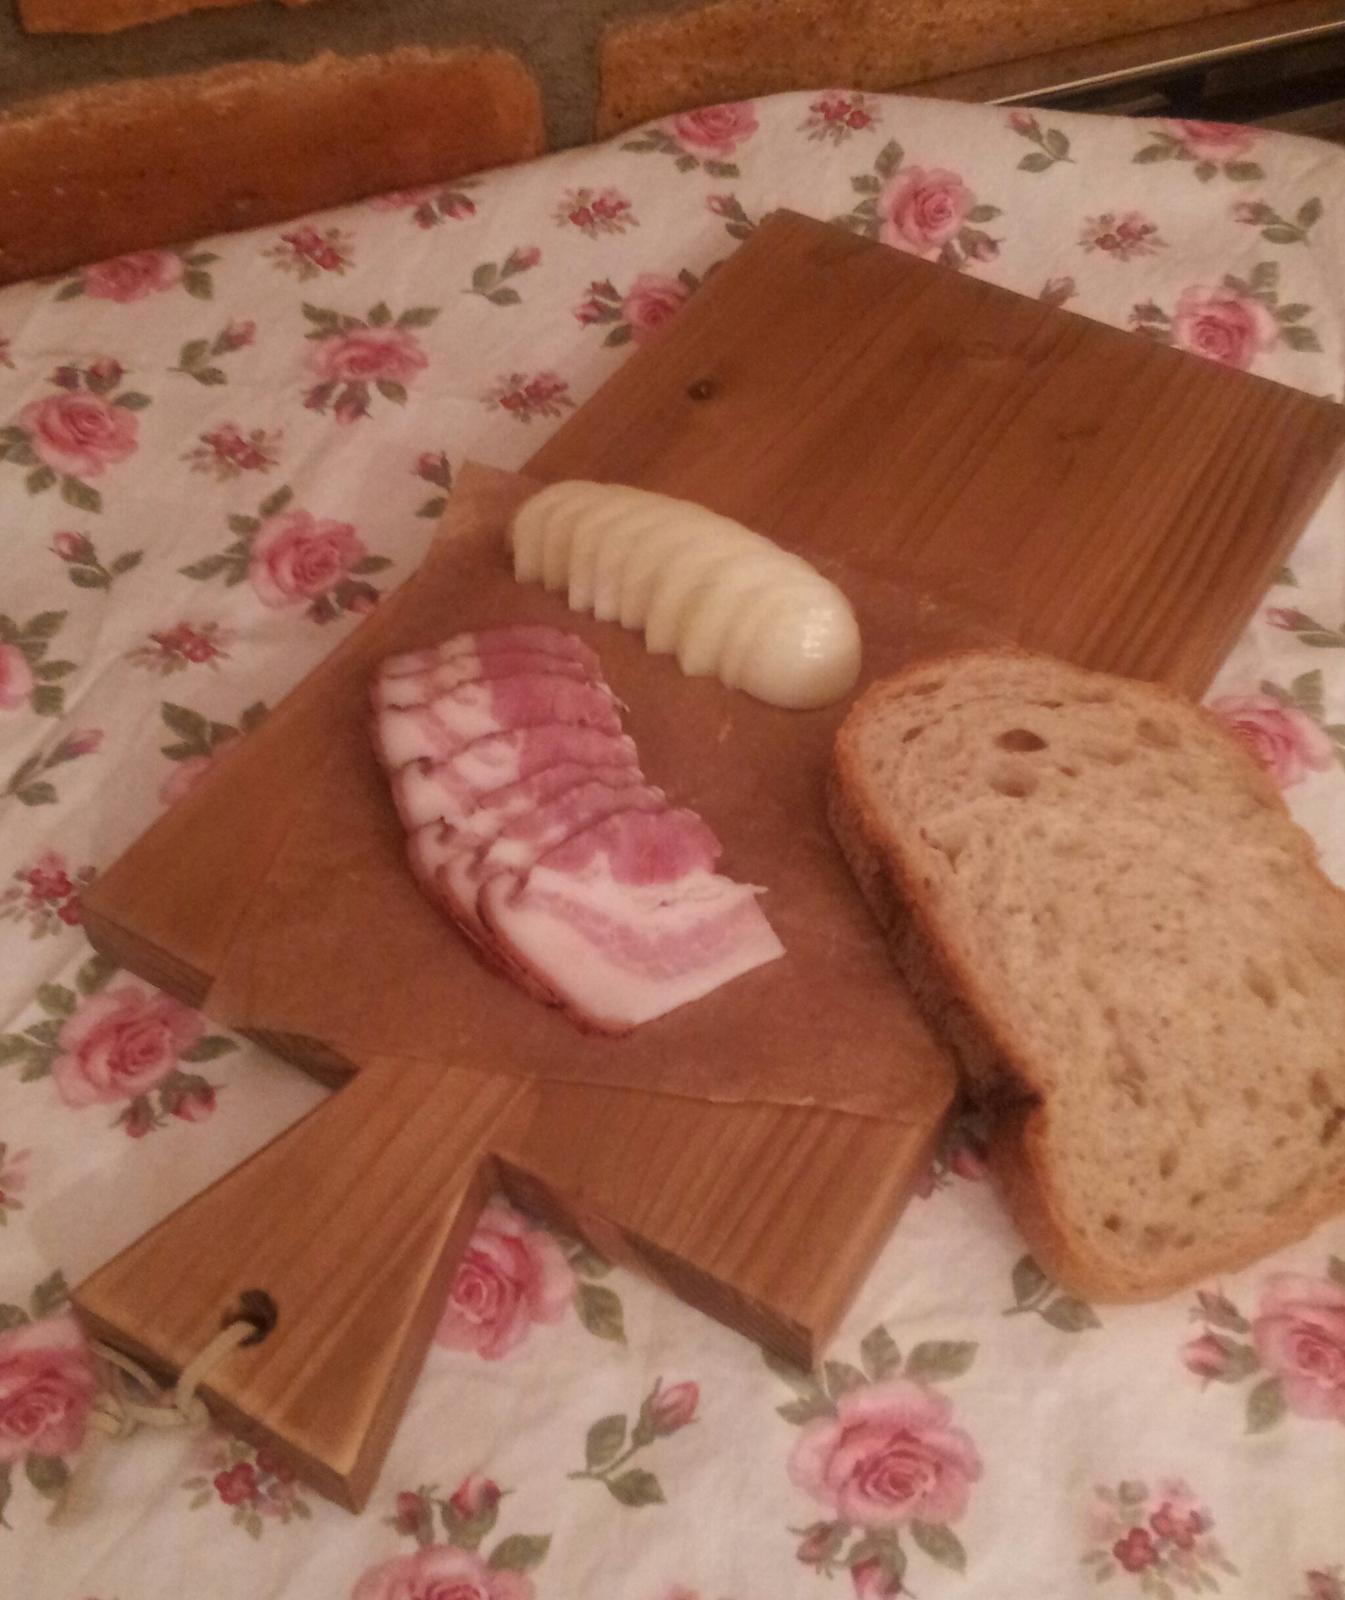 ..kuchyňa podľa mojich predstáv... - ...slaninka s cibuľou na ružičkovom prestieraní pre basska11 :-D